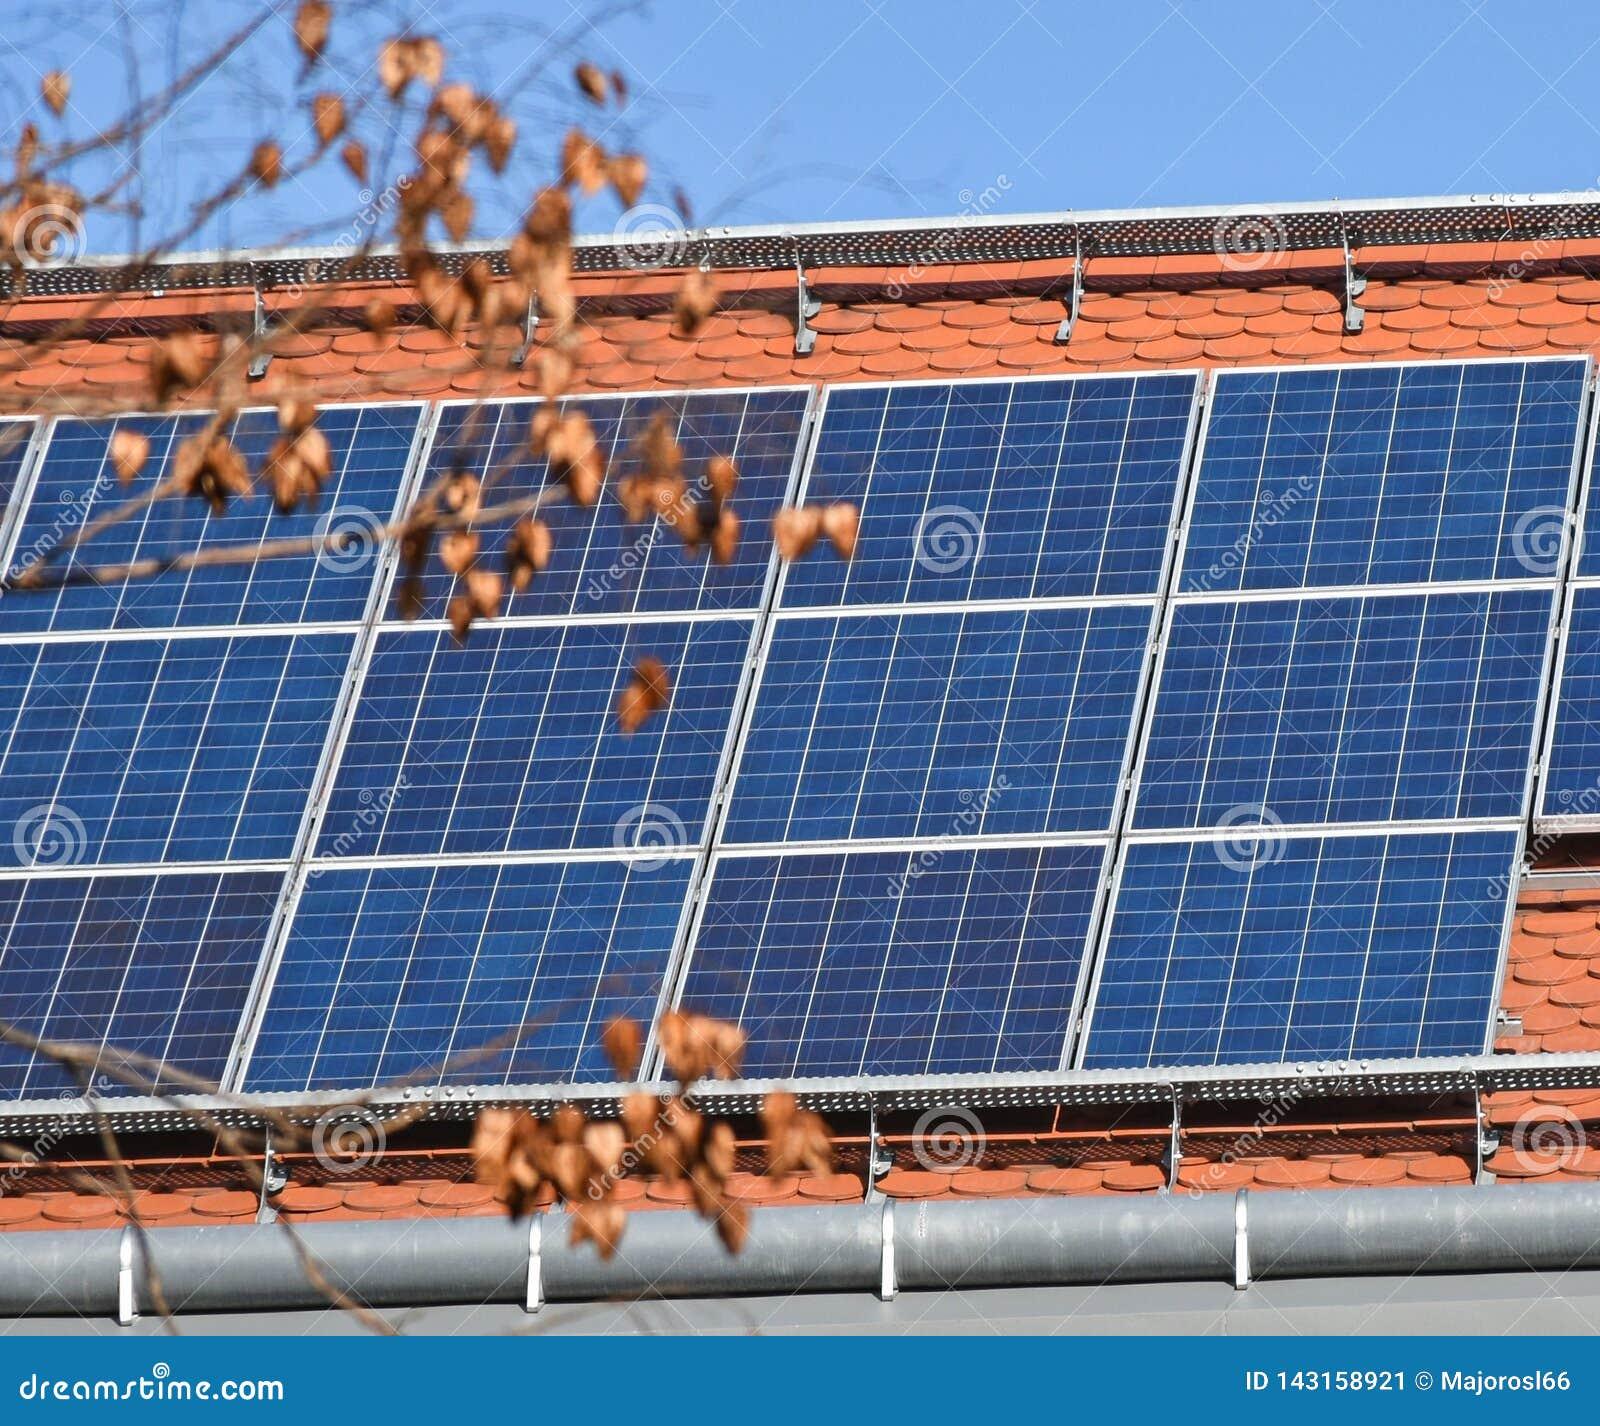 Los paneles solares en la azotea de un edificio